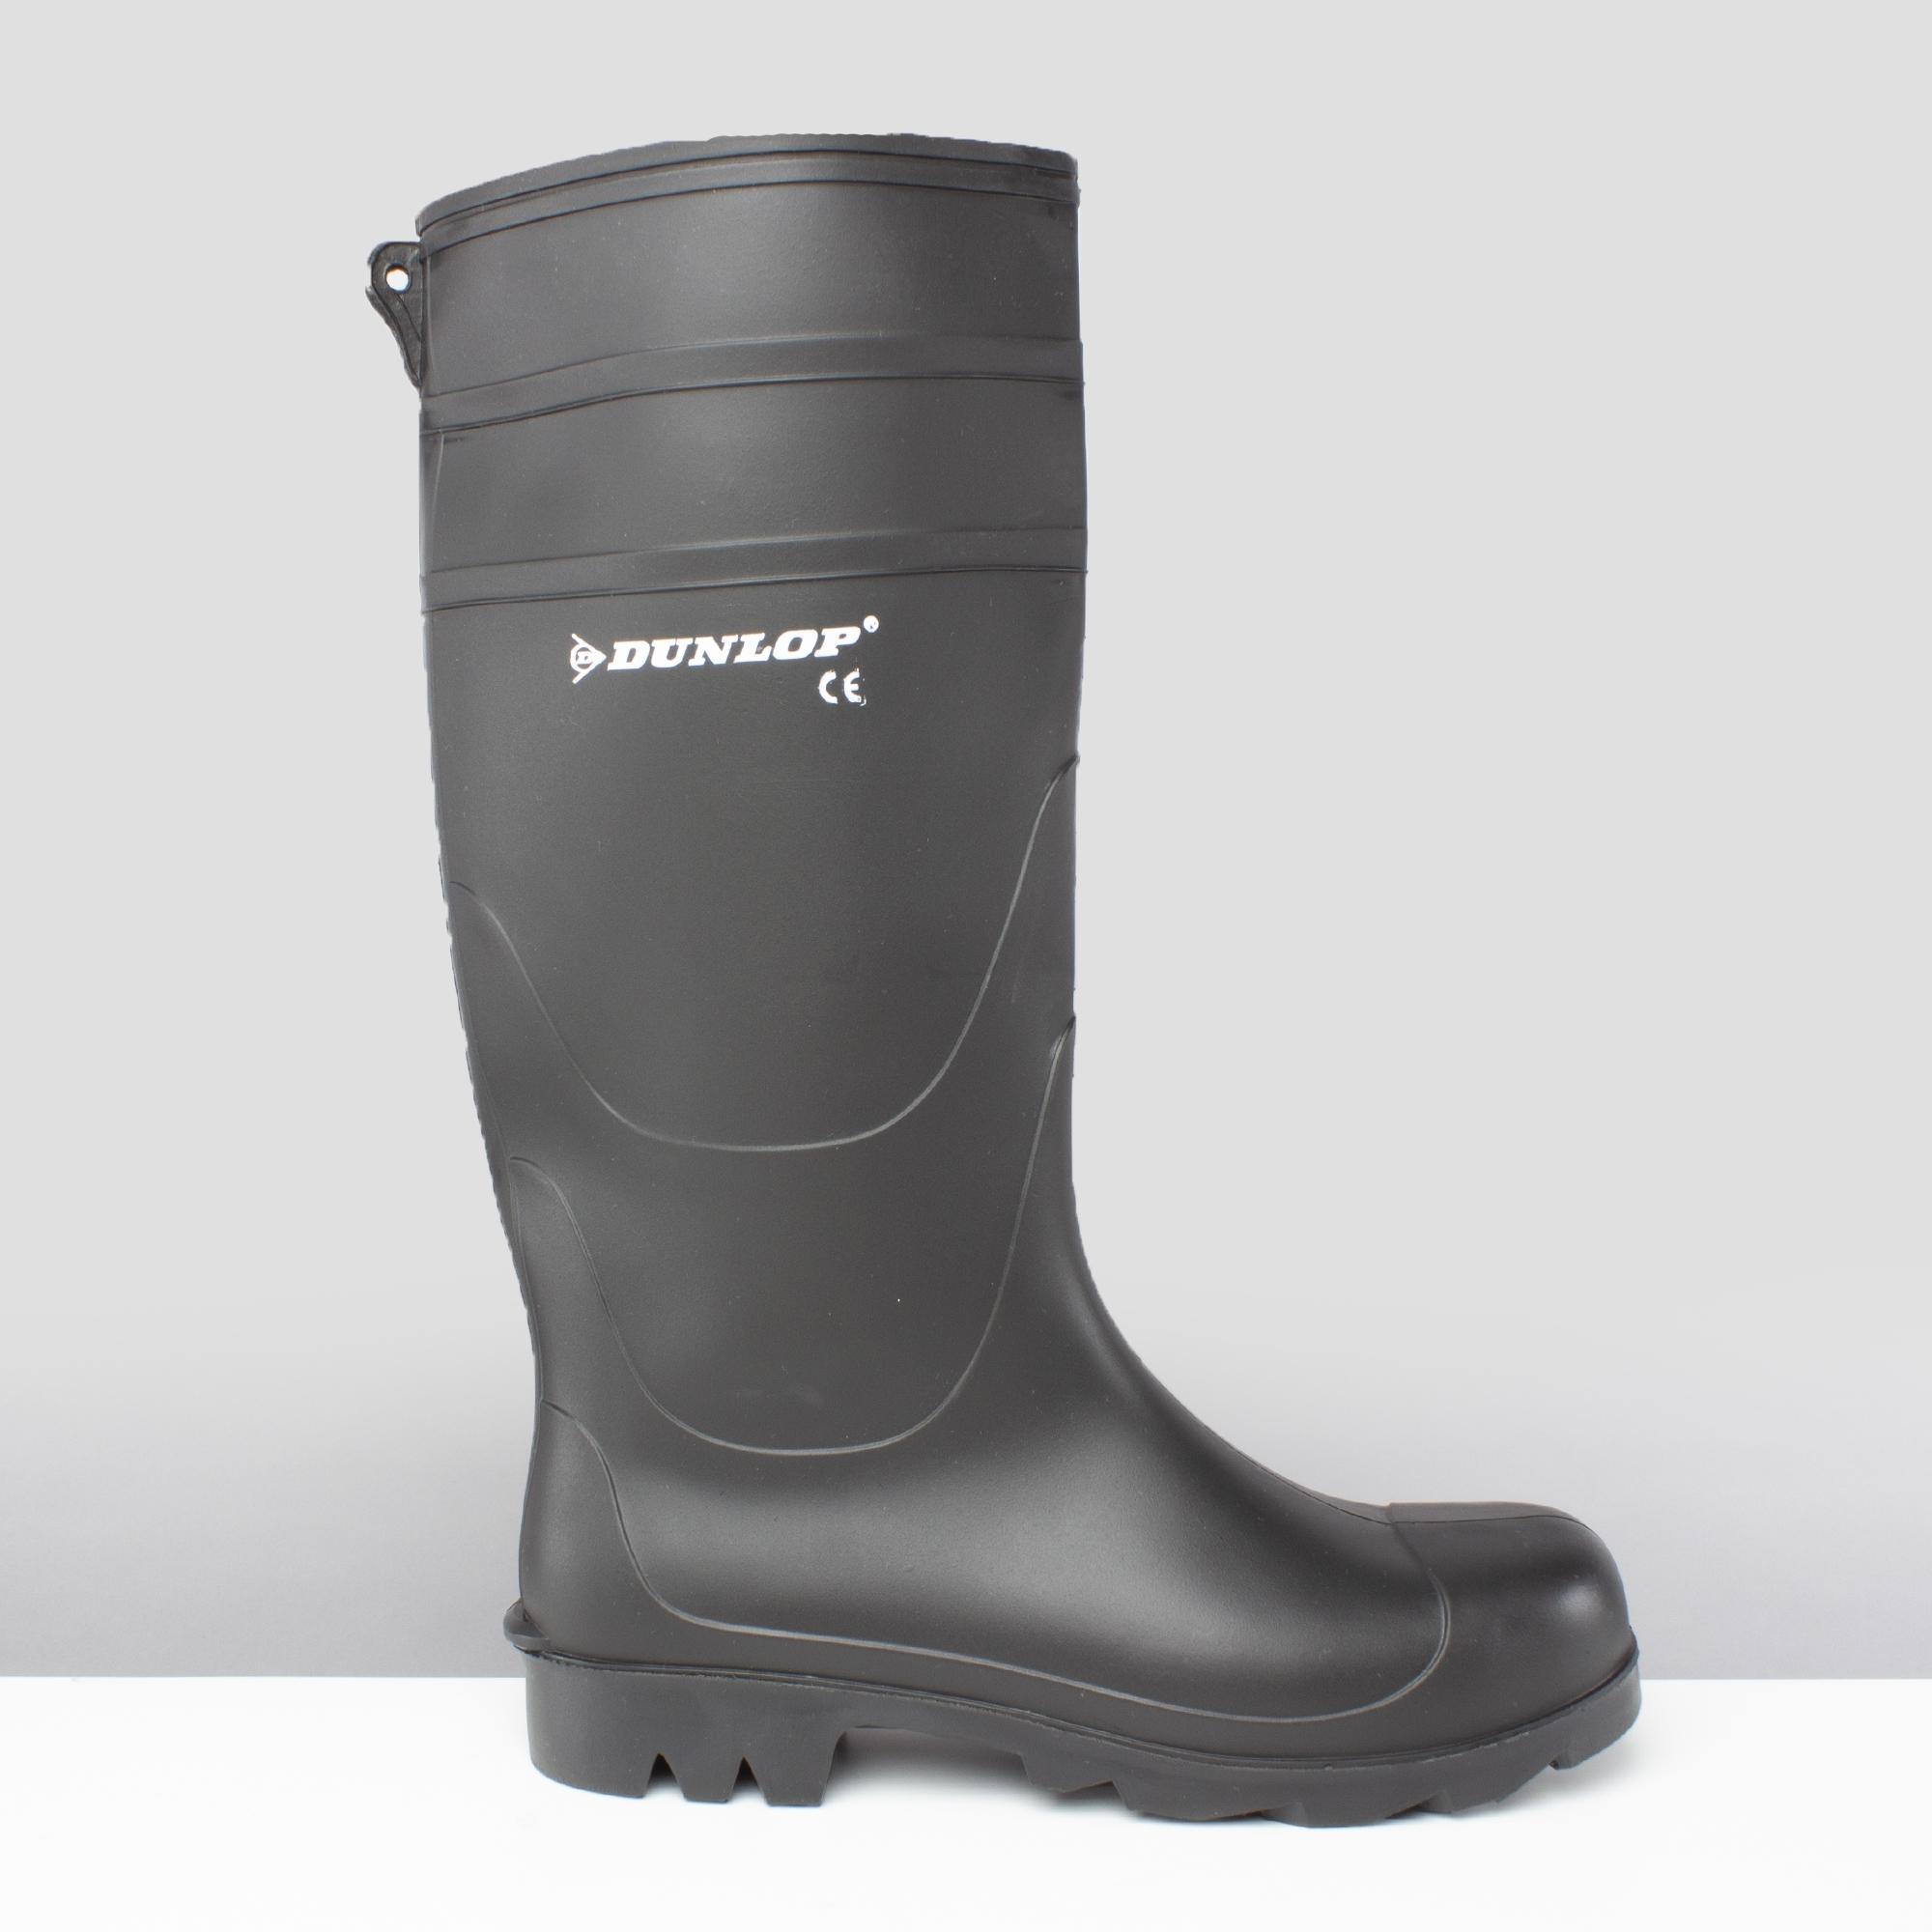 d6657e67a763 Dunlop UNIVERSAL Mens Wellies Wellington Boots Black